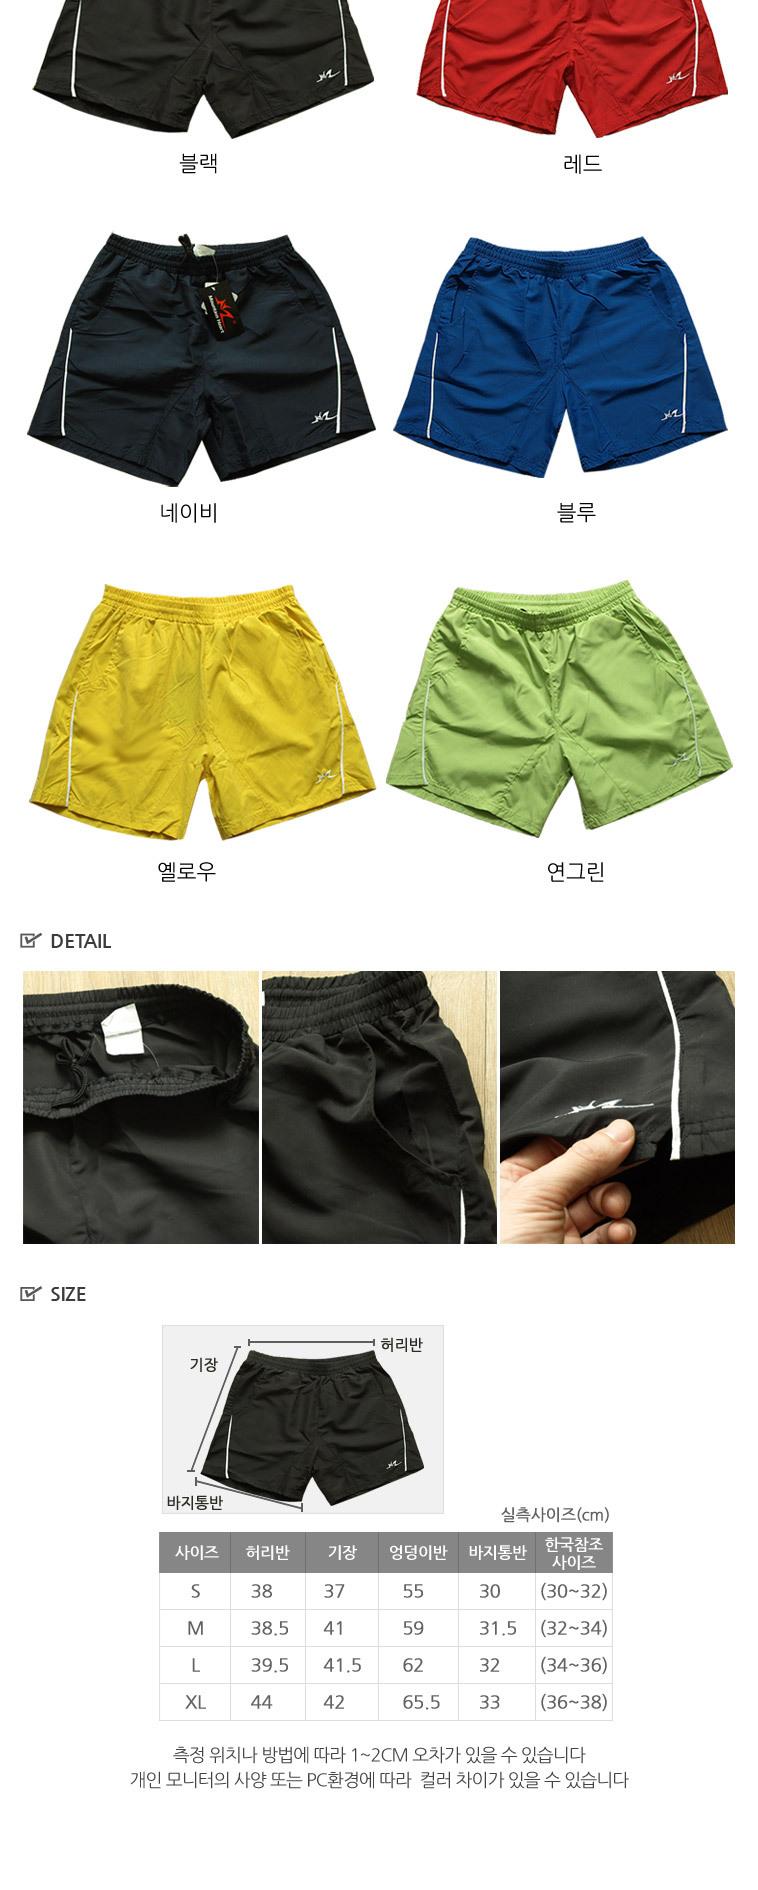 스포츠웨어 팬츠/기능성티셔츠 모음 - 상세정보